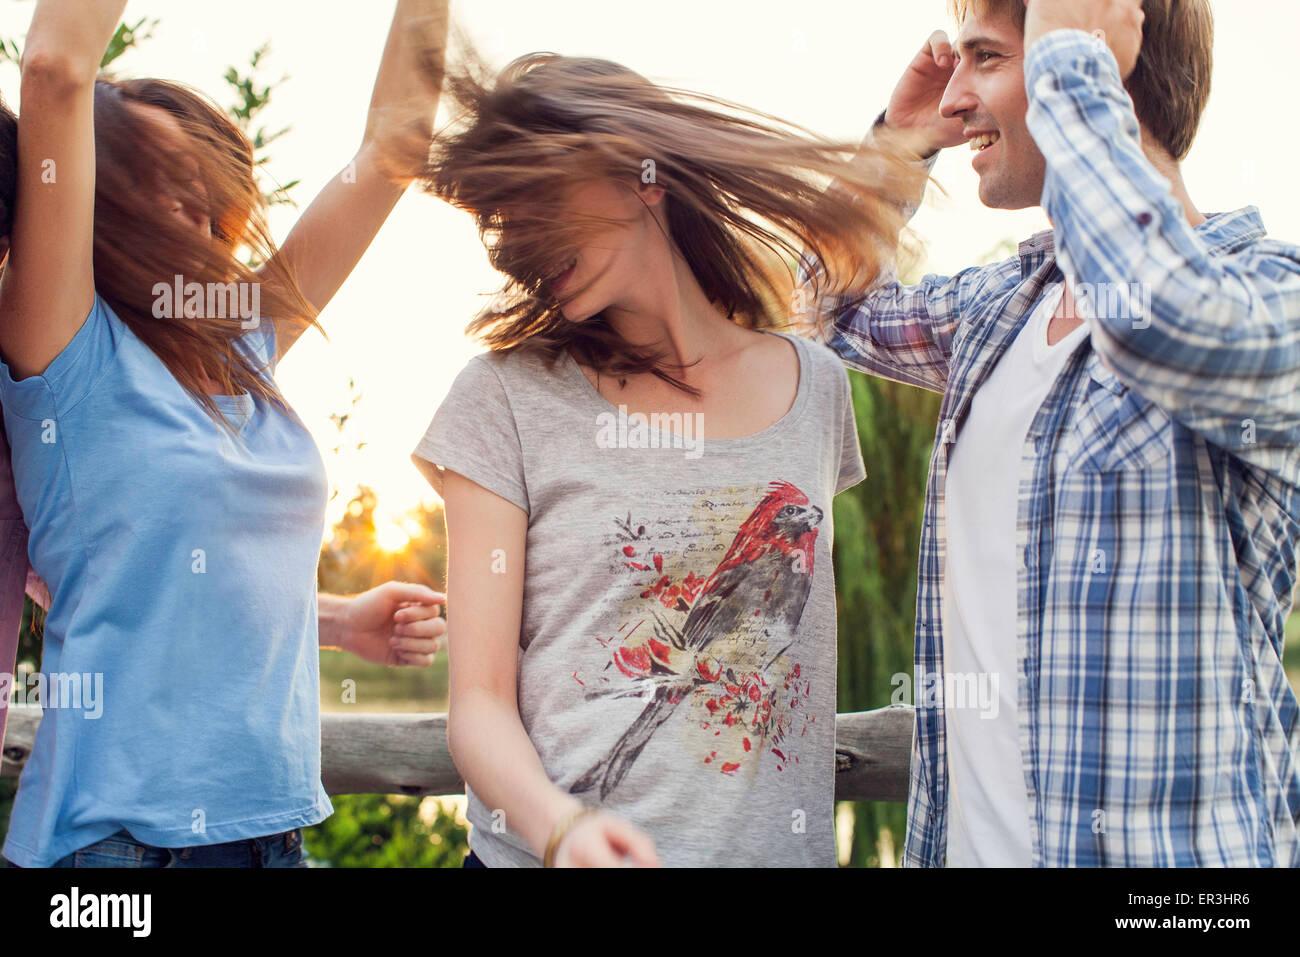 Amigos de fiesta juntos al aire libre Imagen De Stock